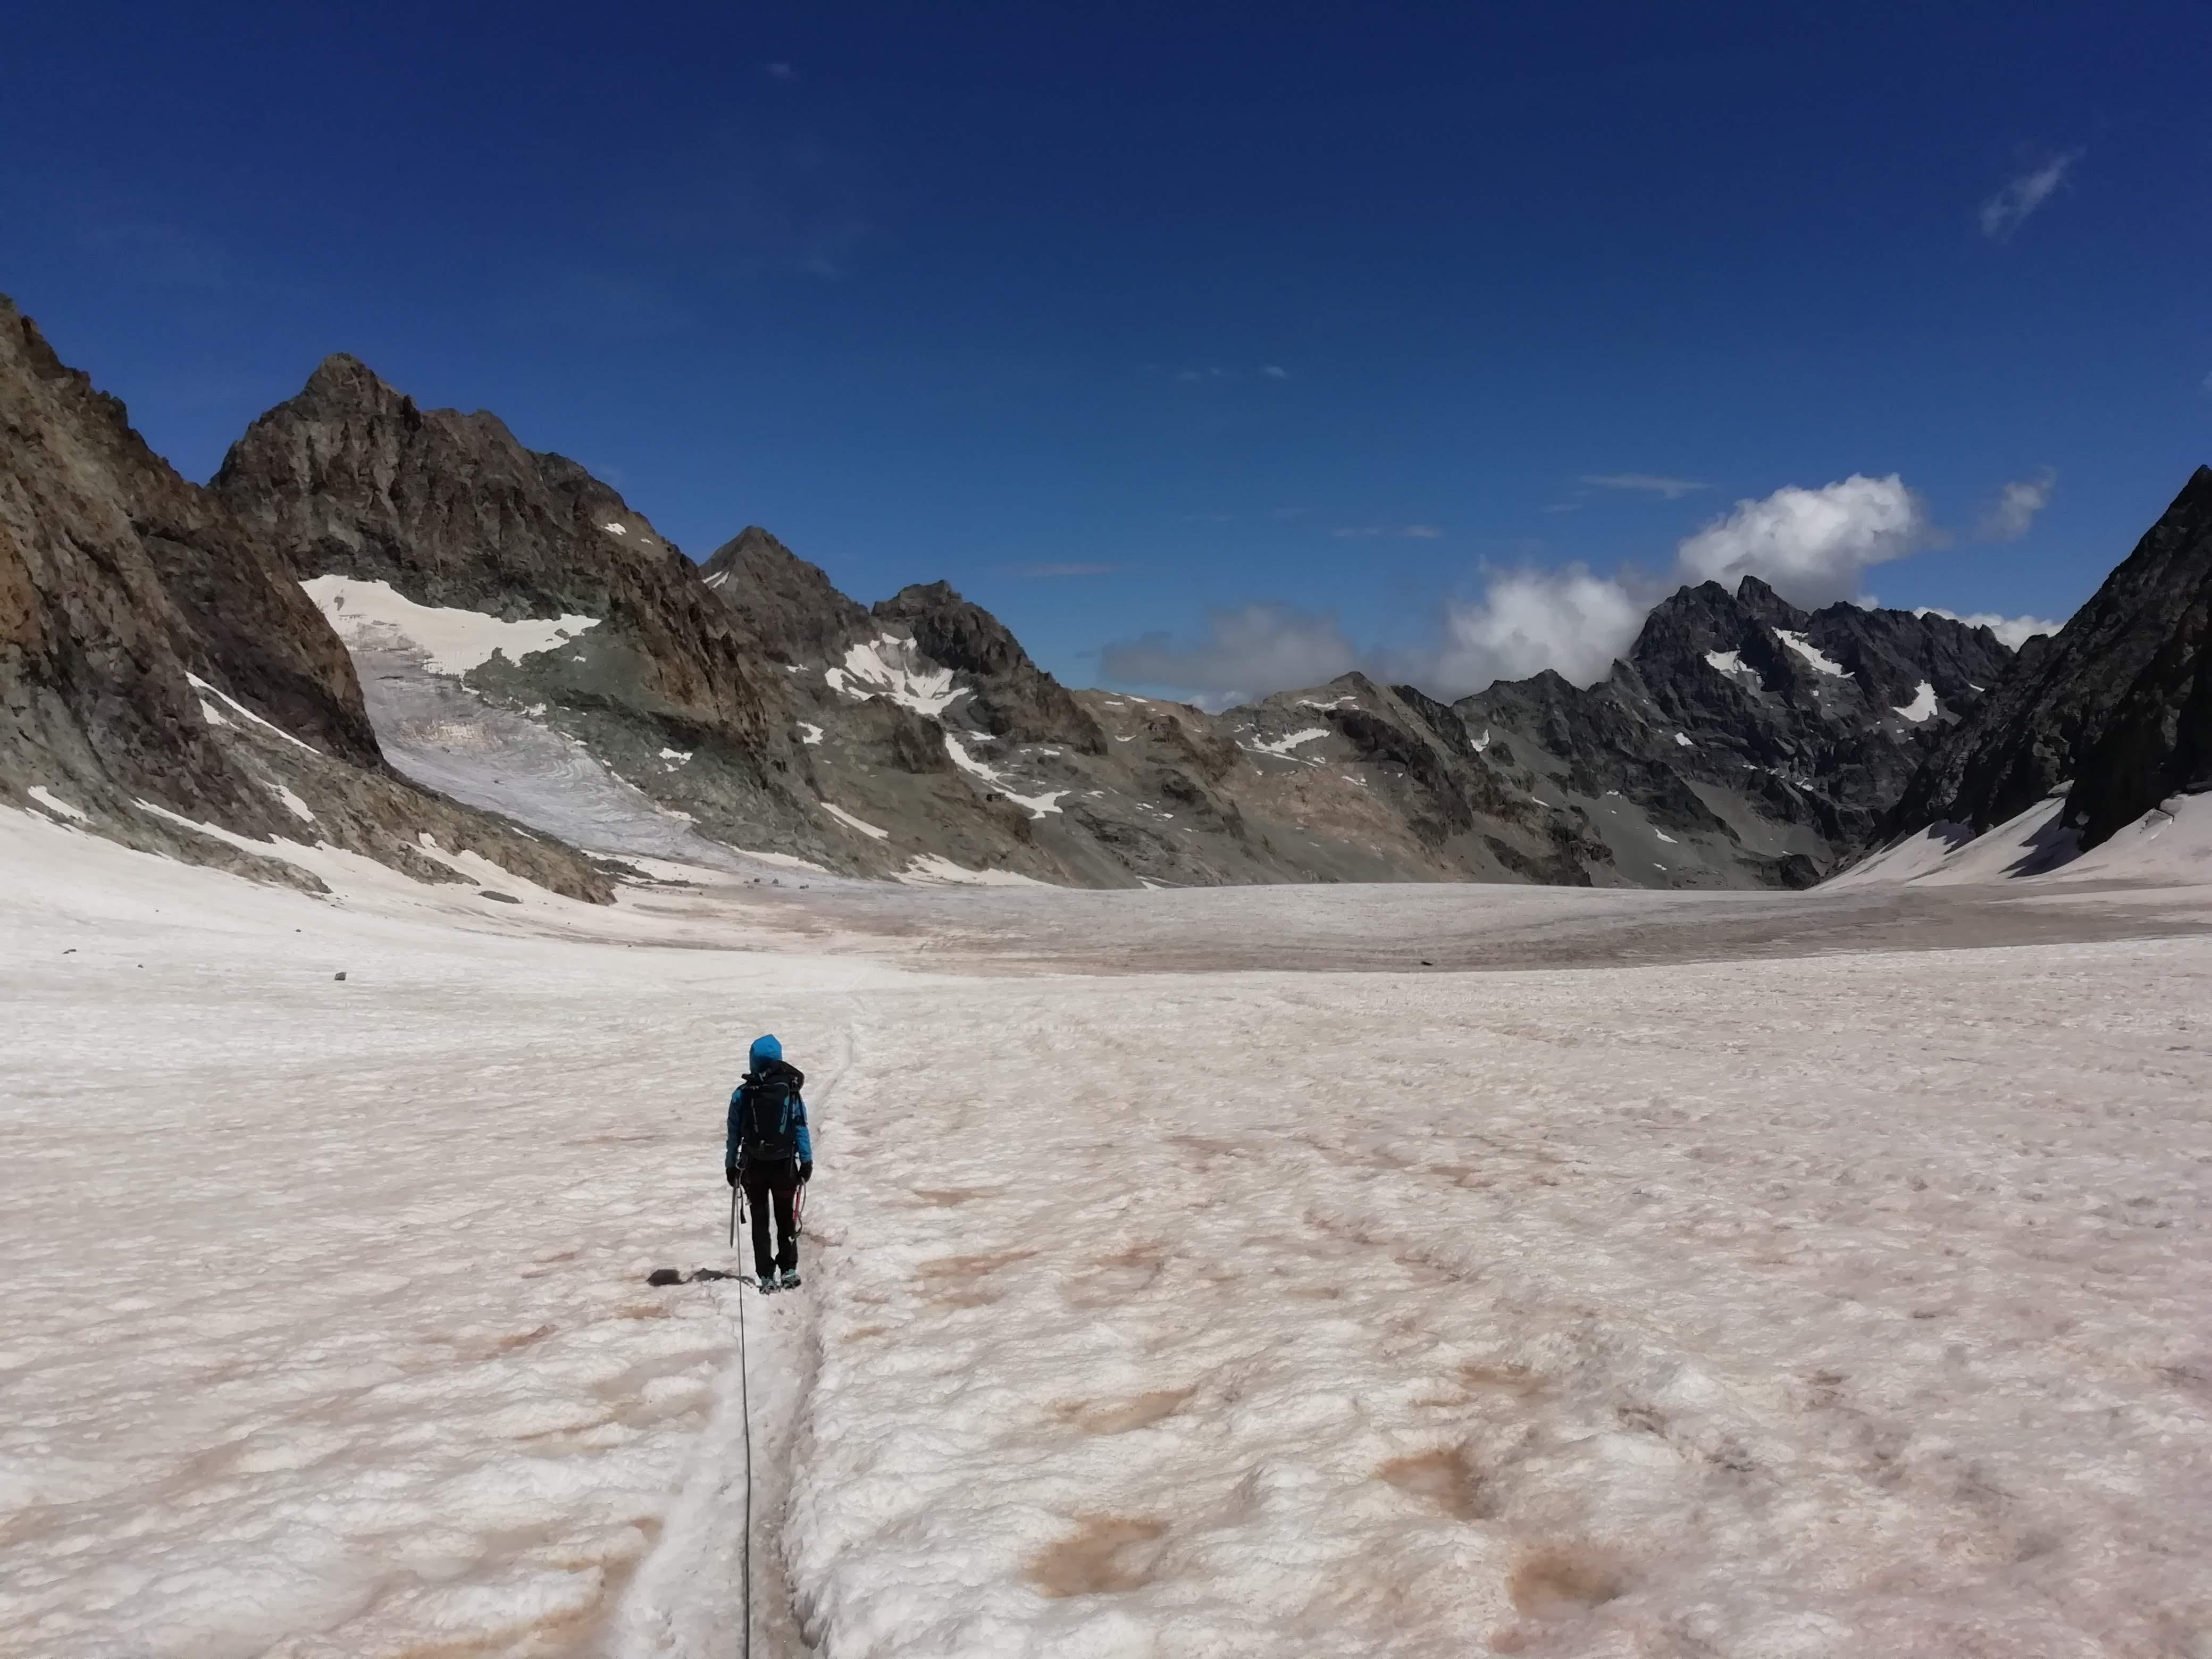 Chiara sulla parte terminale del ghiacciaio.